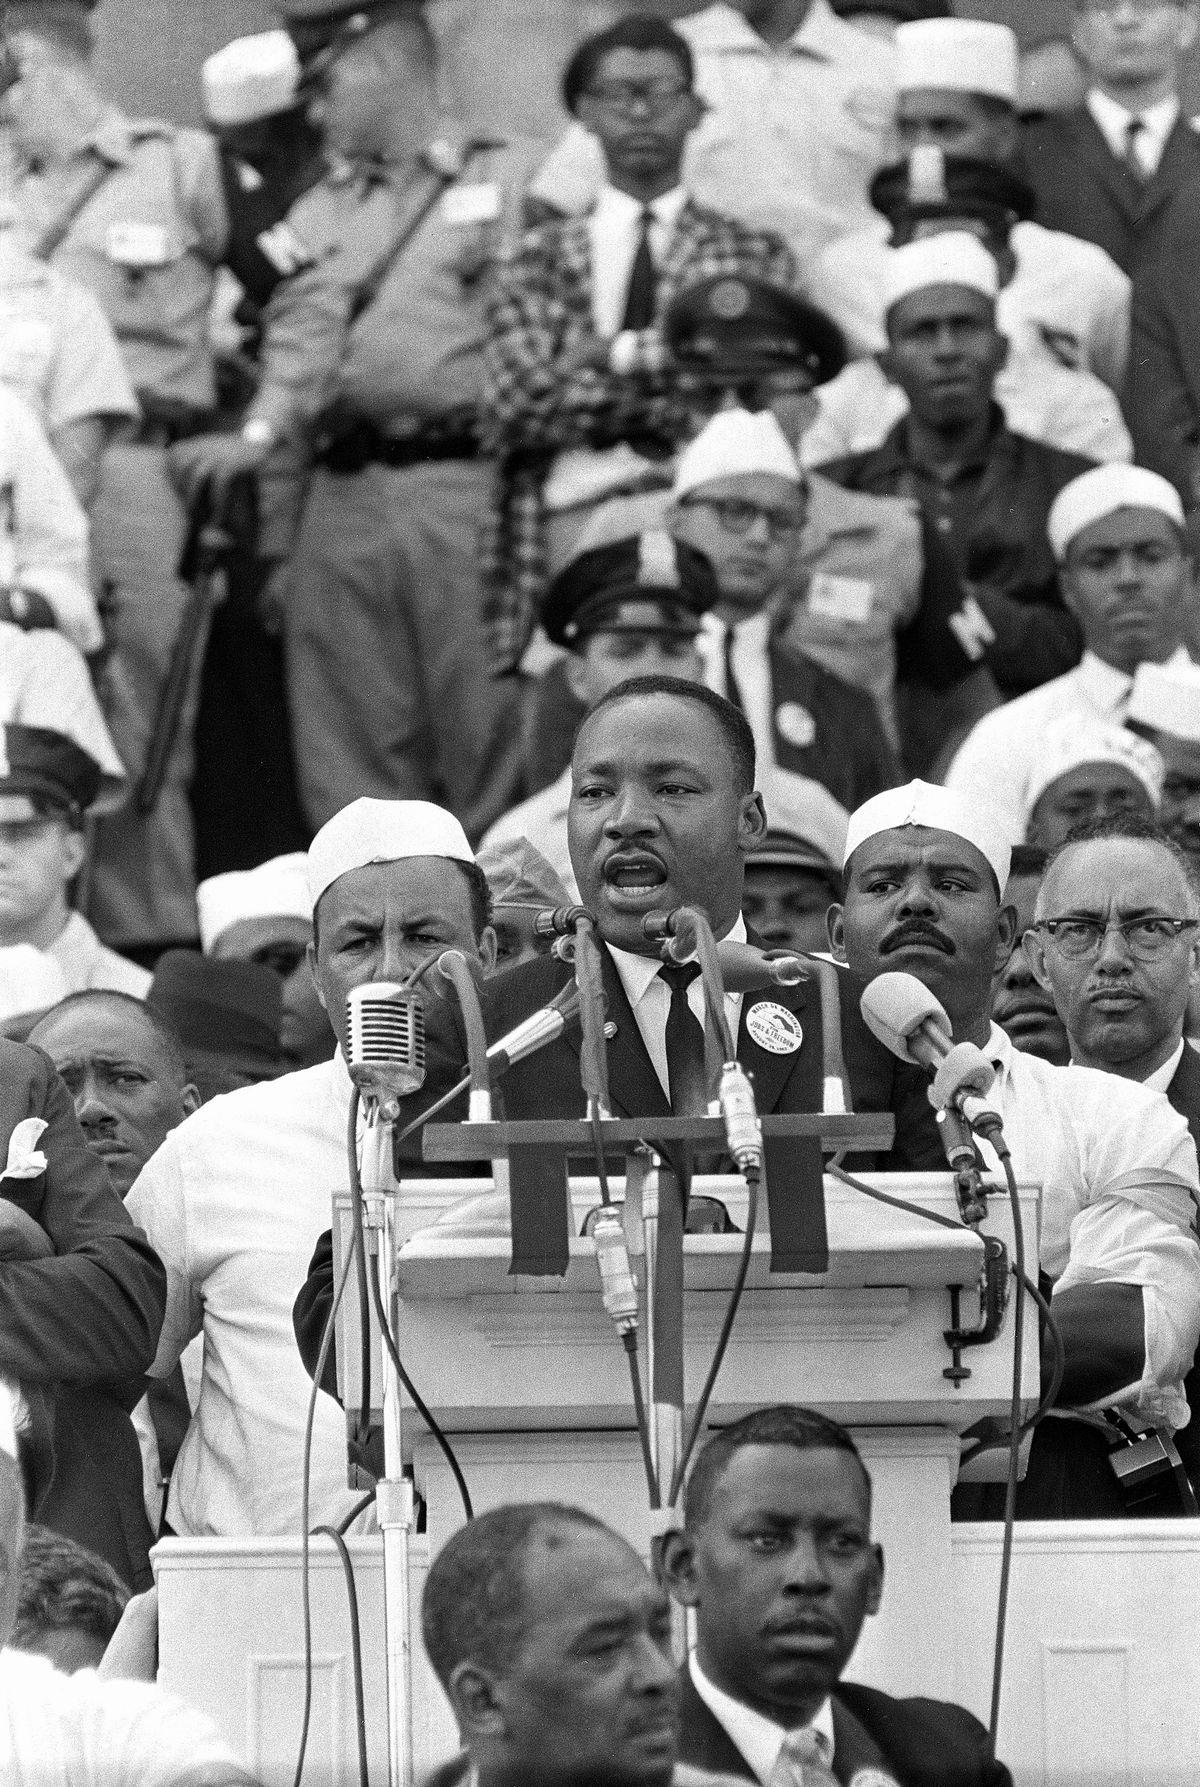 写真・図版 : ワシントン大行進で「私には夢がある」と演説するマーチン・ルーサー・キング牧師=1063年8月28日、ワシントン(AP)